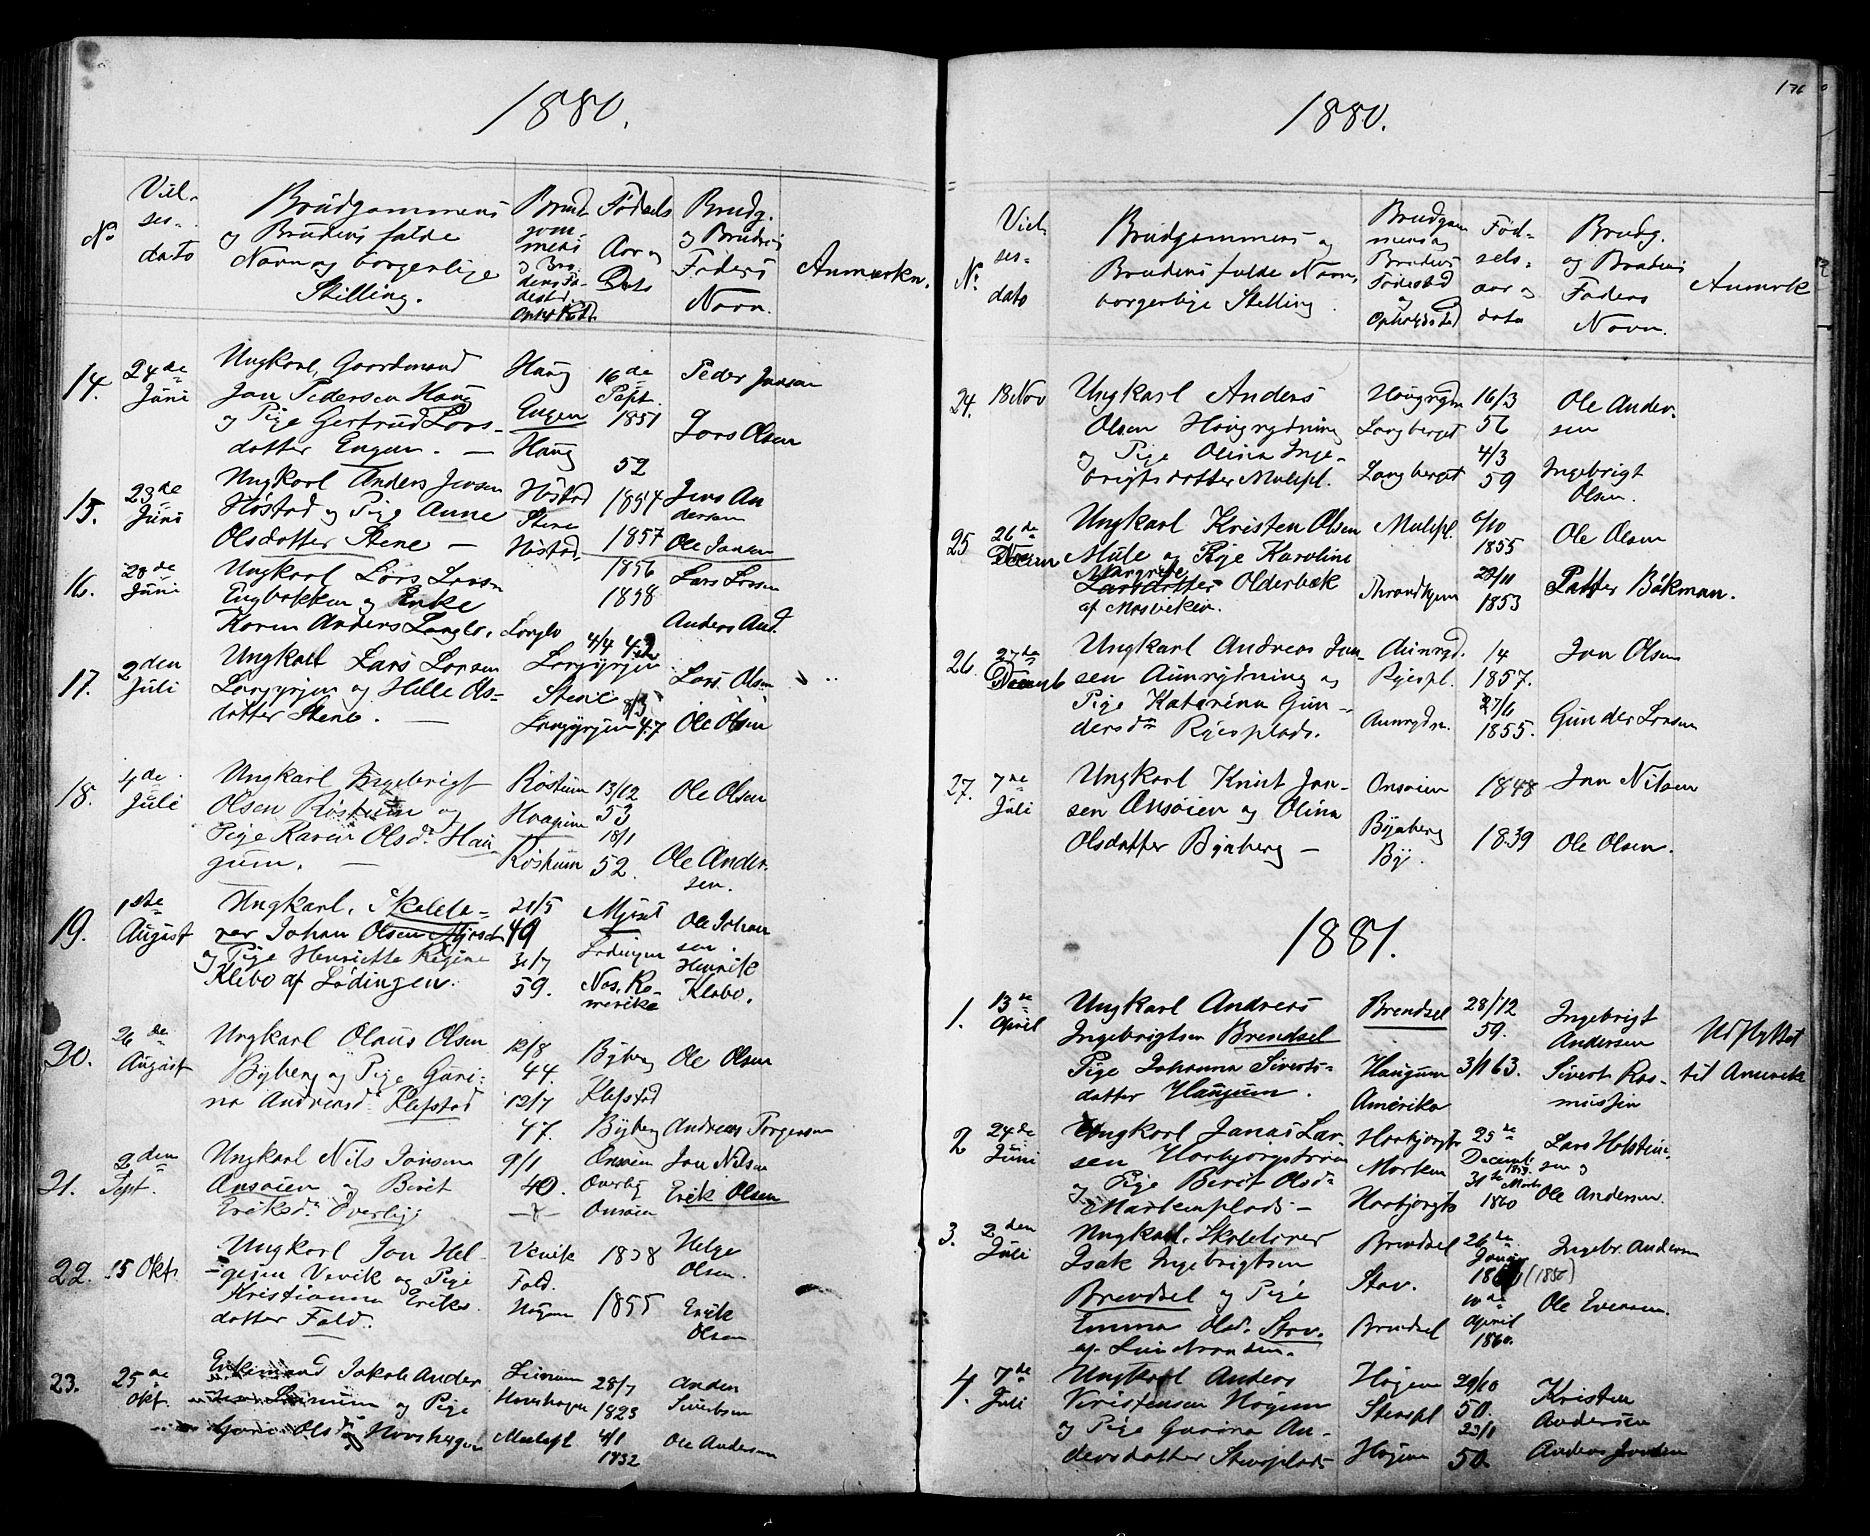 SAT, Ministerialprotokoller, klokkerbøker og fødselsregistre - Sør-Trøndelag, 612/L0387: Klokkerbok nr. 612C03, 1874-1908, s. 176